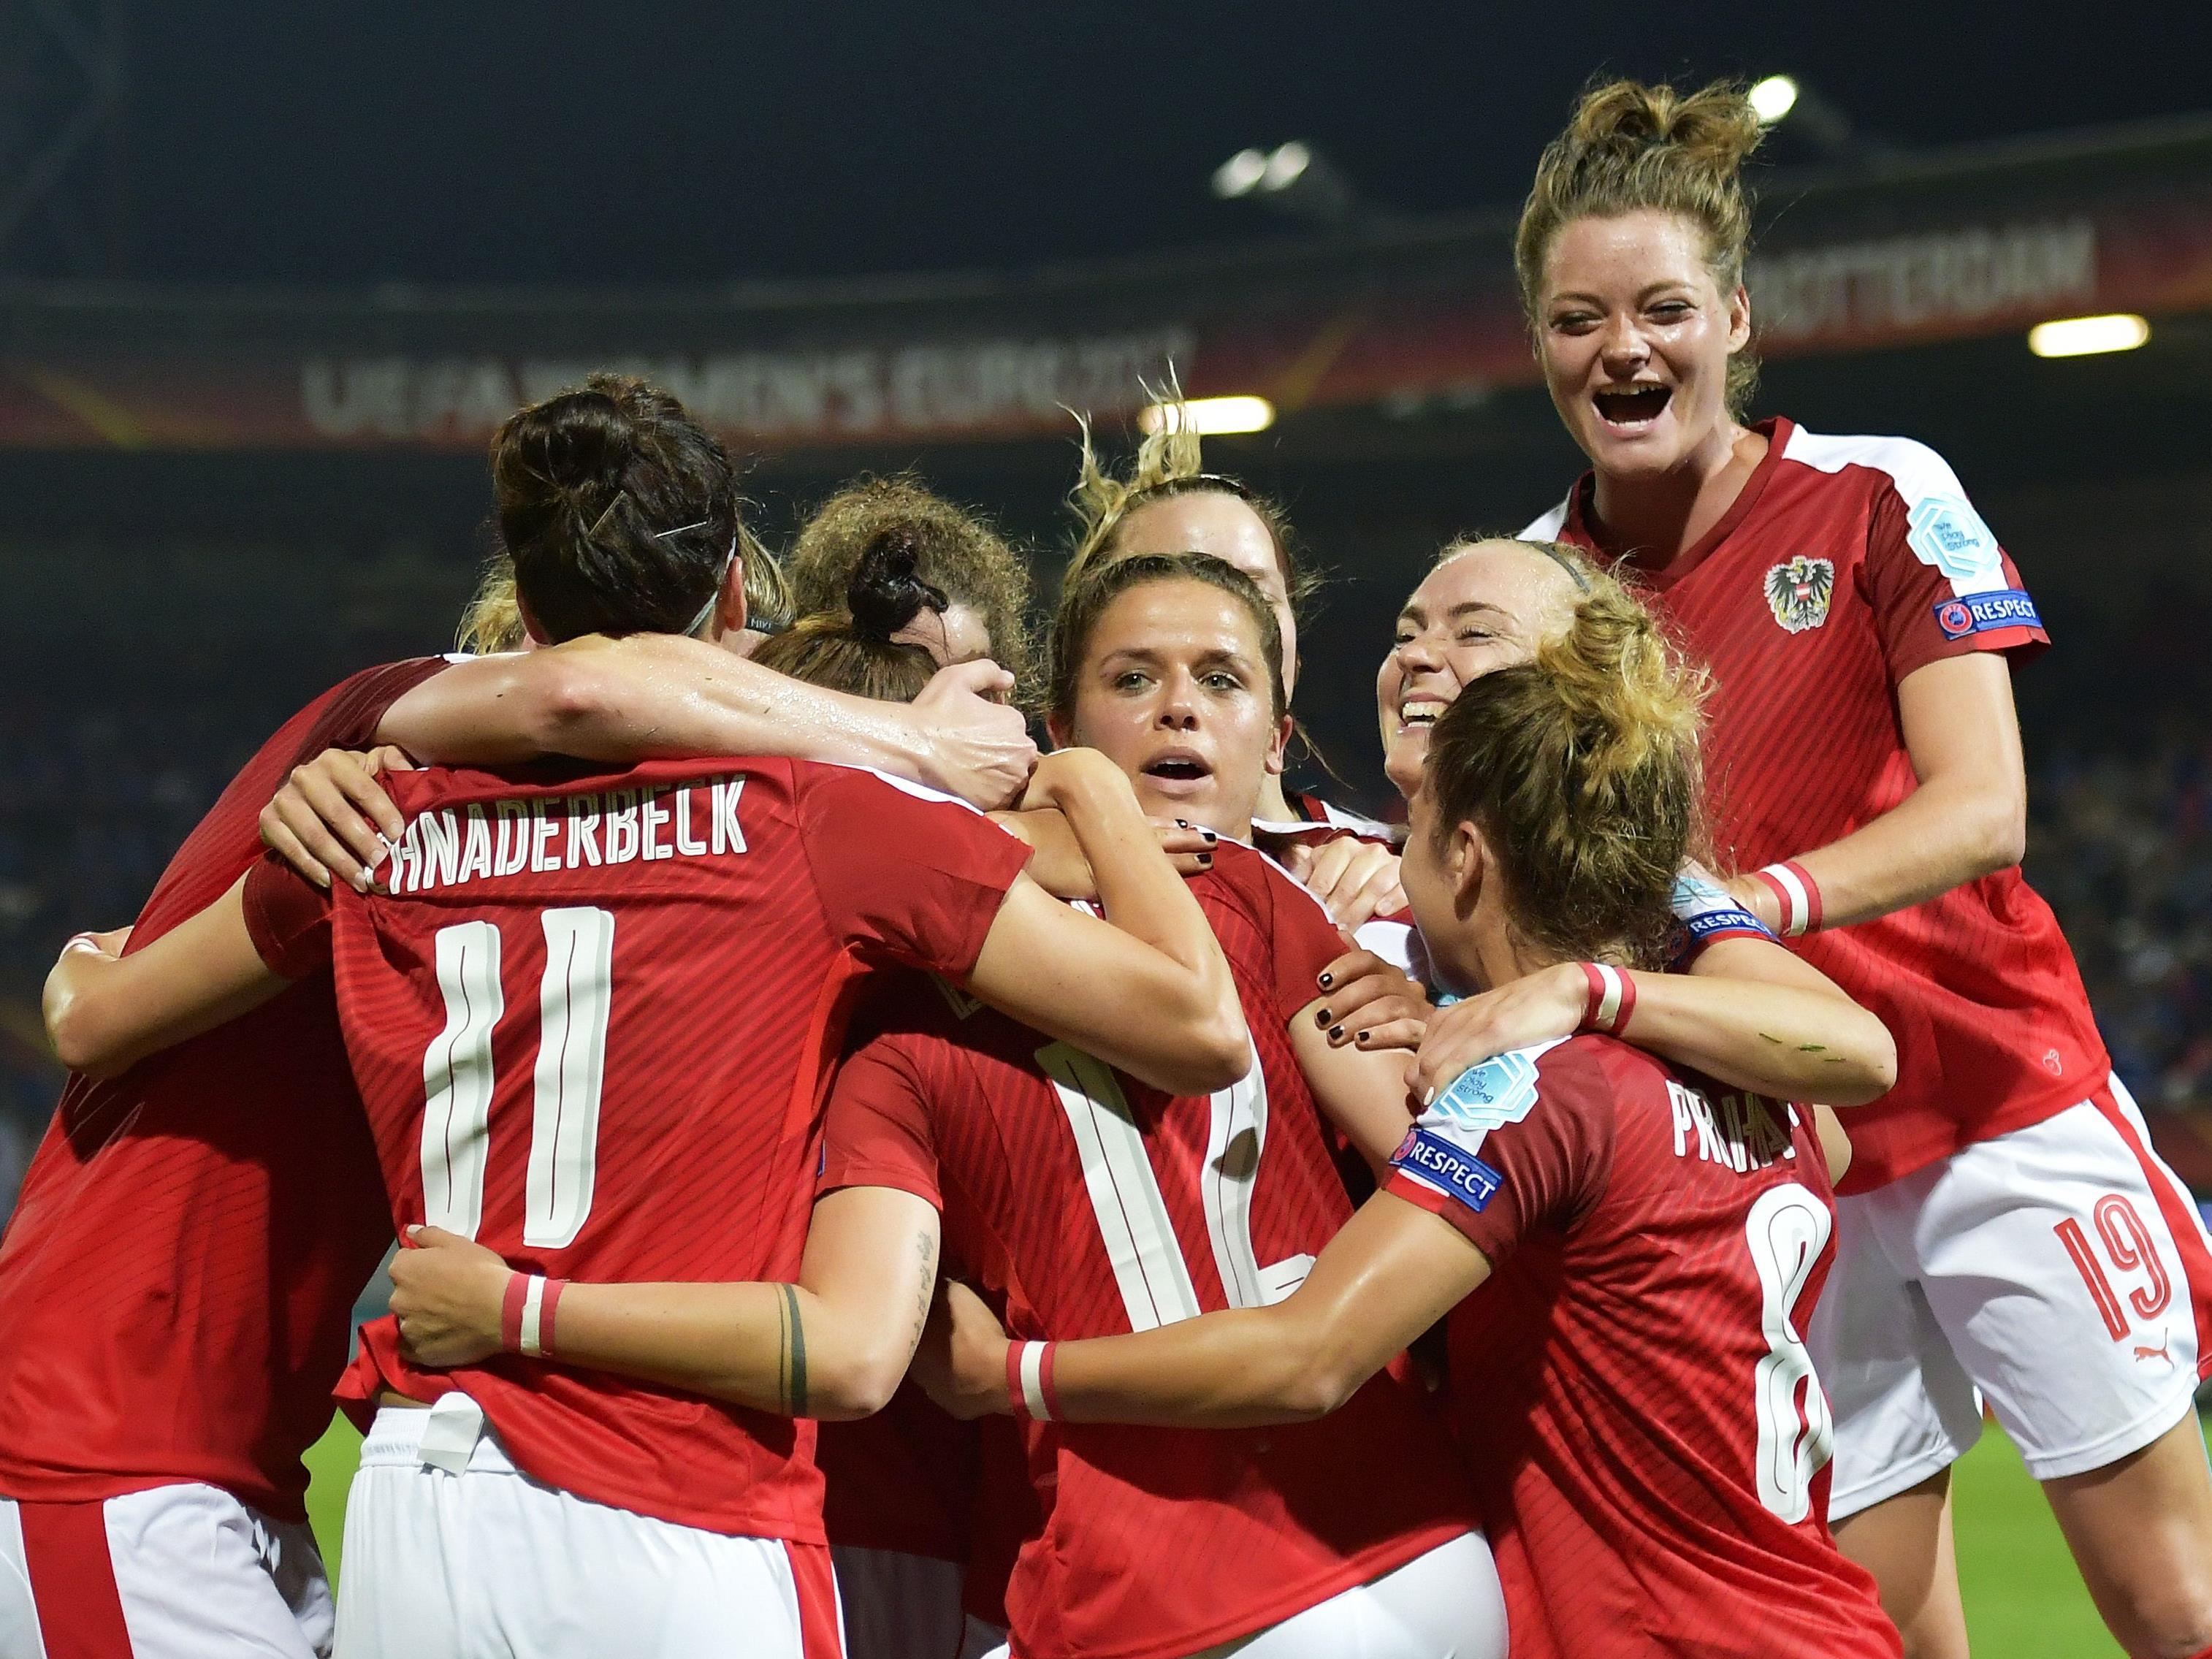 Österreich steht in der Frauen EM im Viertelfinale und trifft auf Spanien.